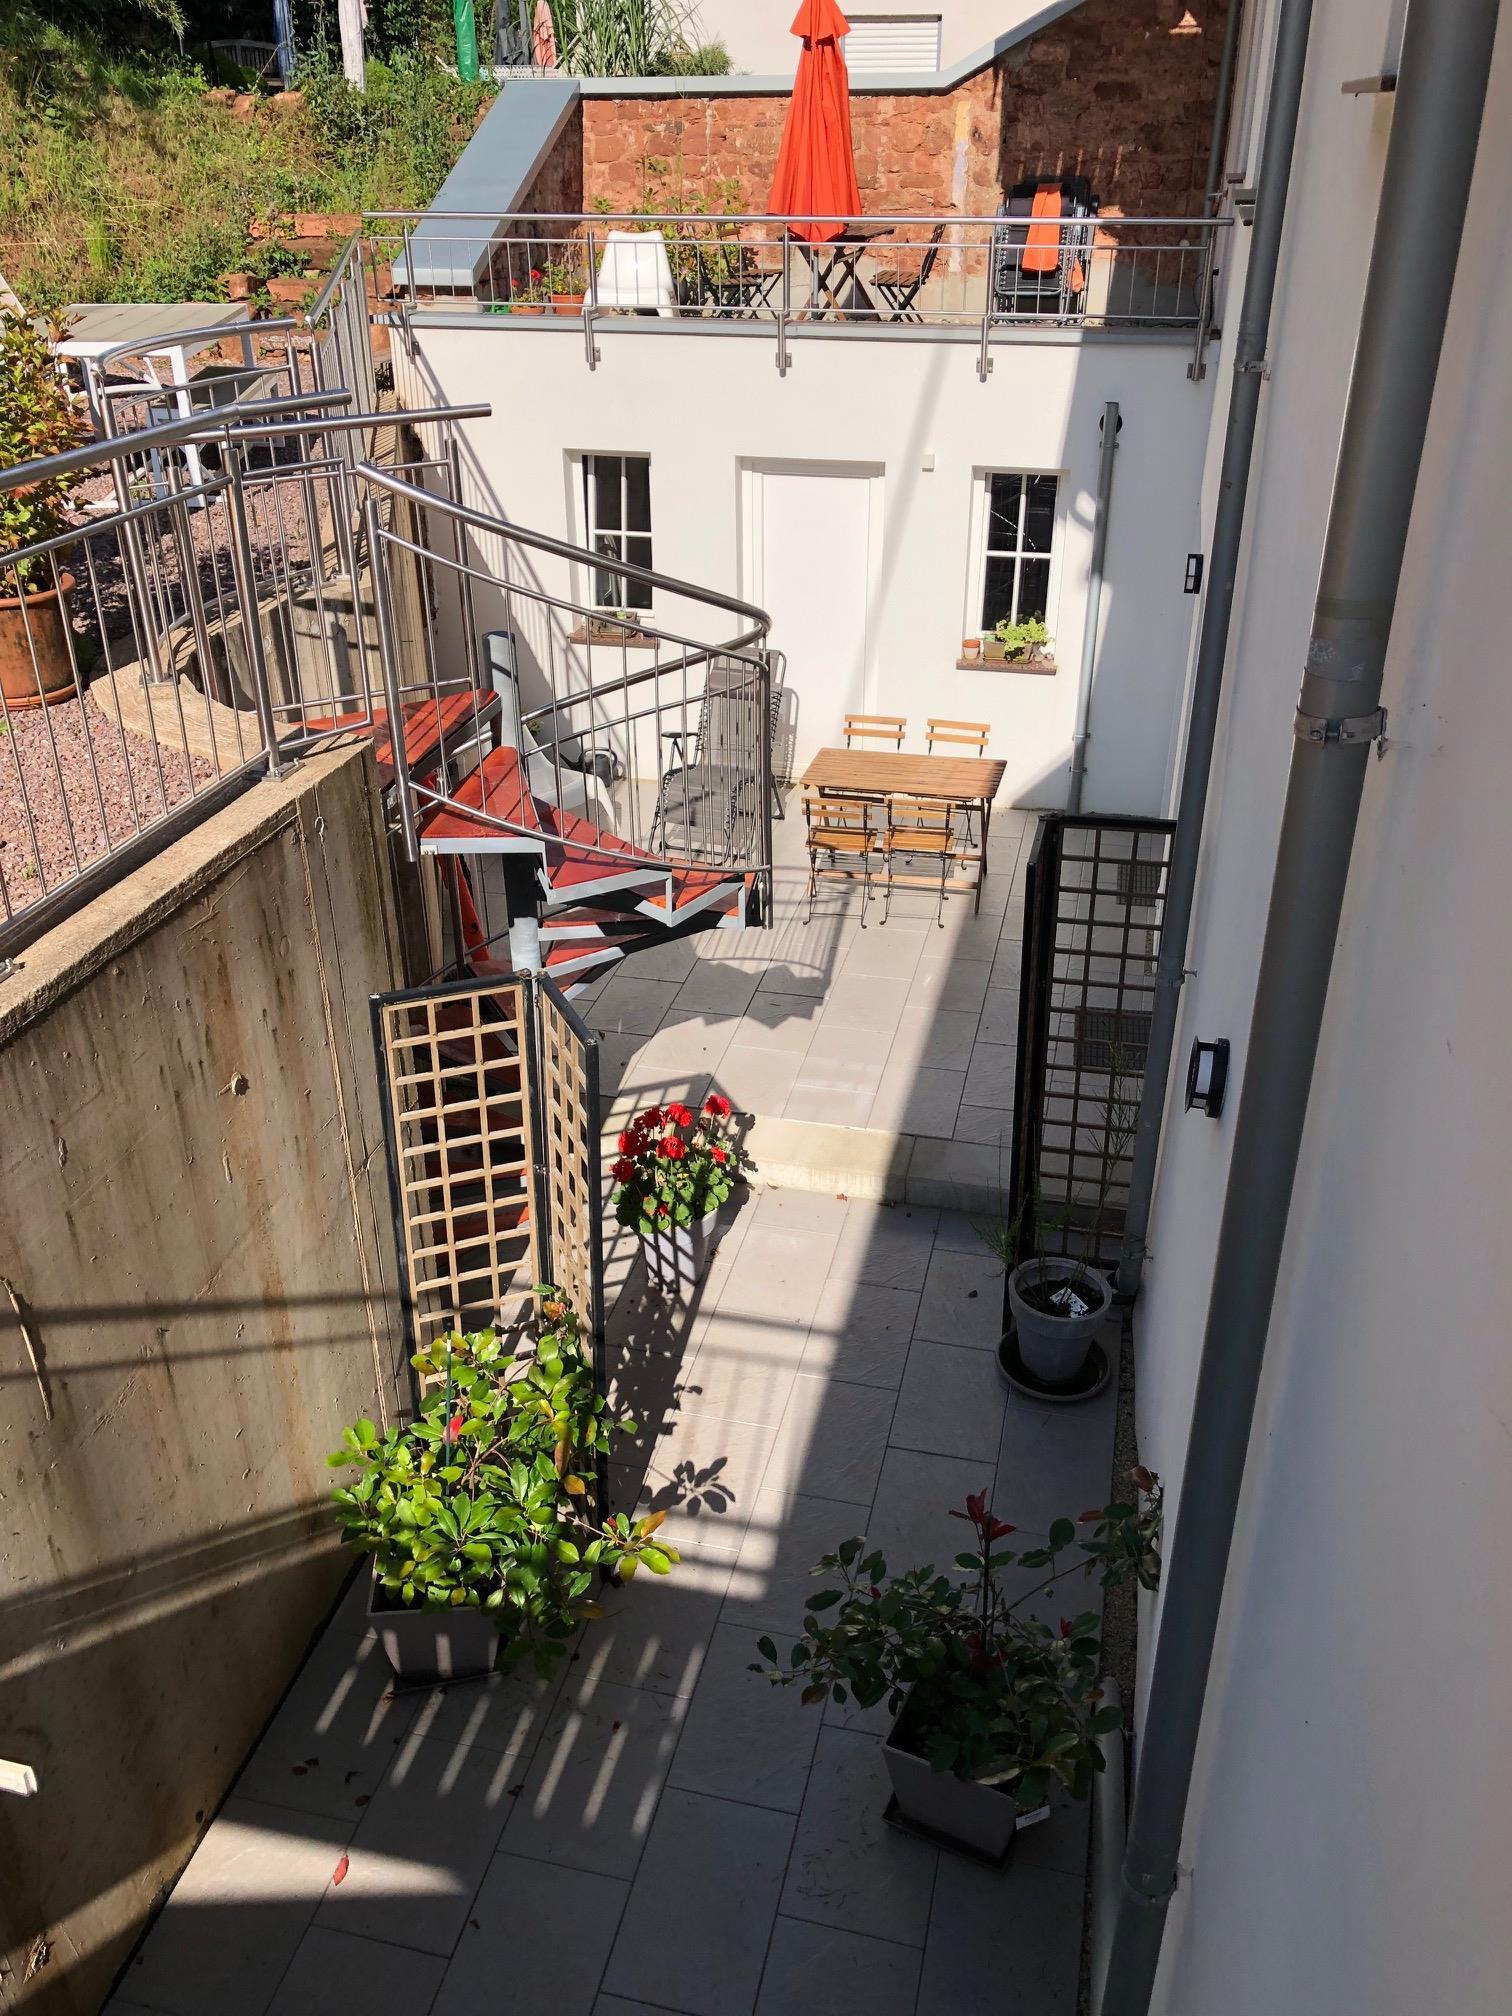 Blick auf die Terrassen von NAMUR EG und BRÜGGE OG